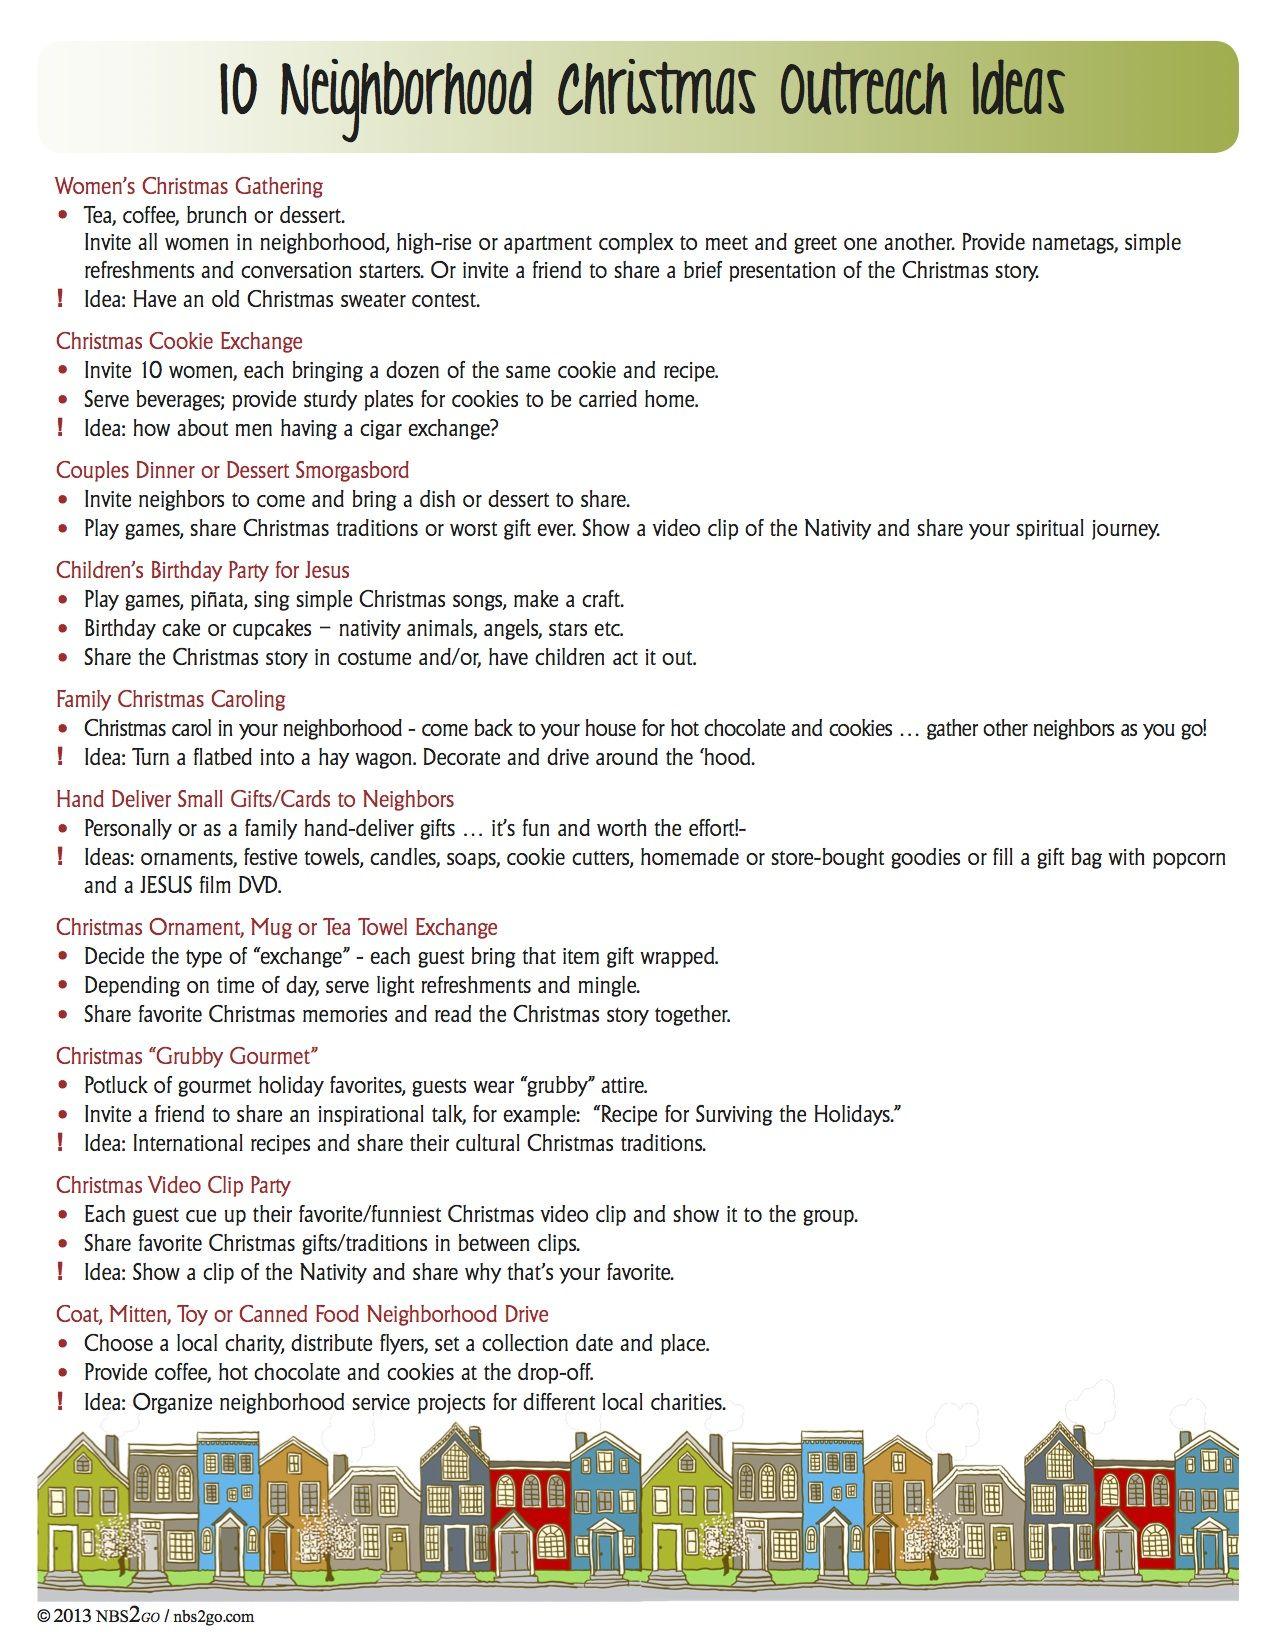 10-Christmas-Ideas-.jpg 1,275×1,650 pixels | tcw ideas | Pinterest ...